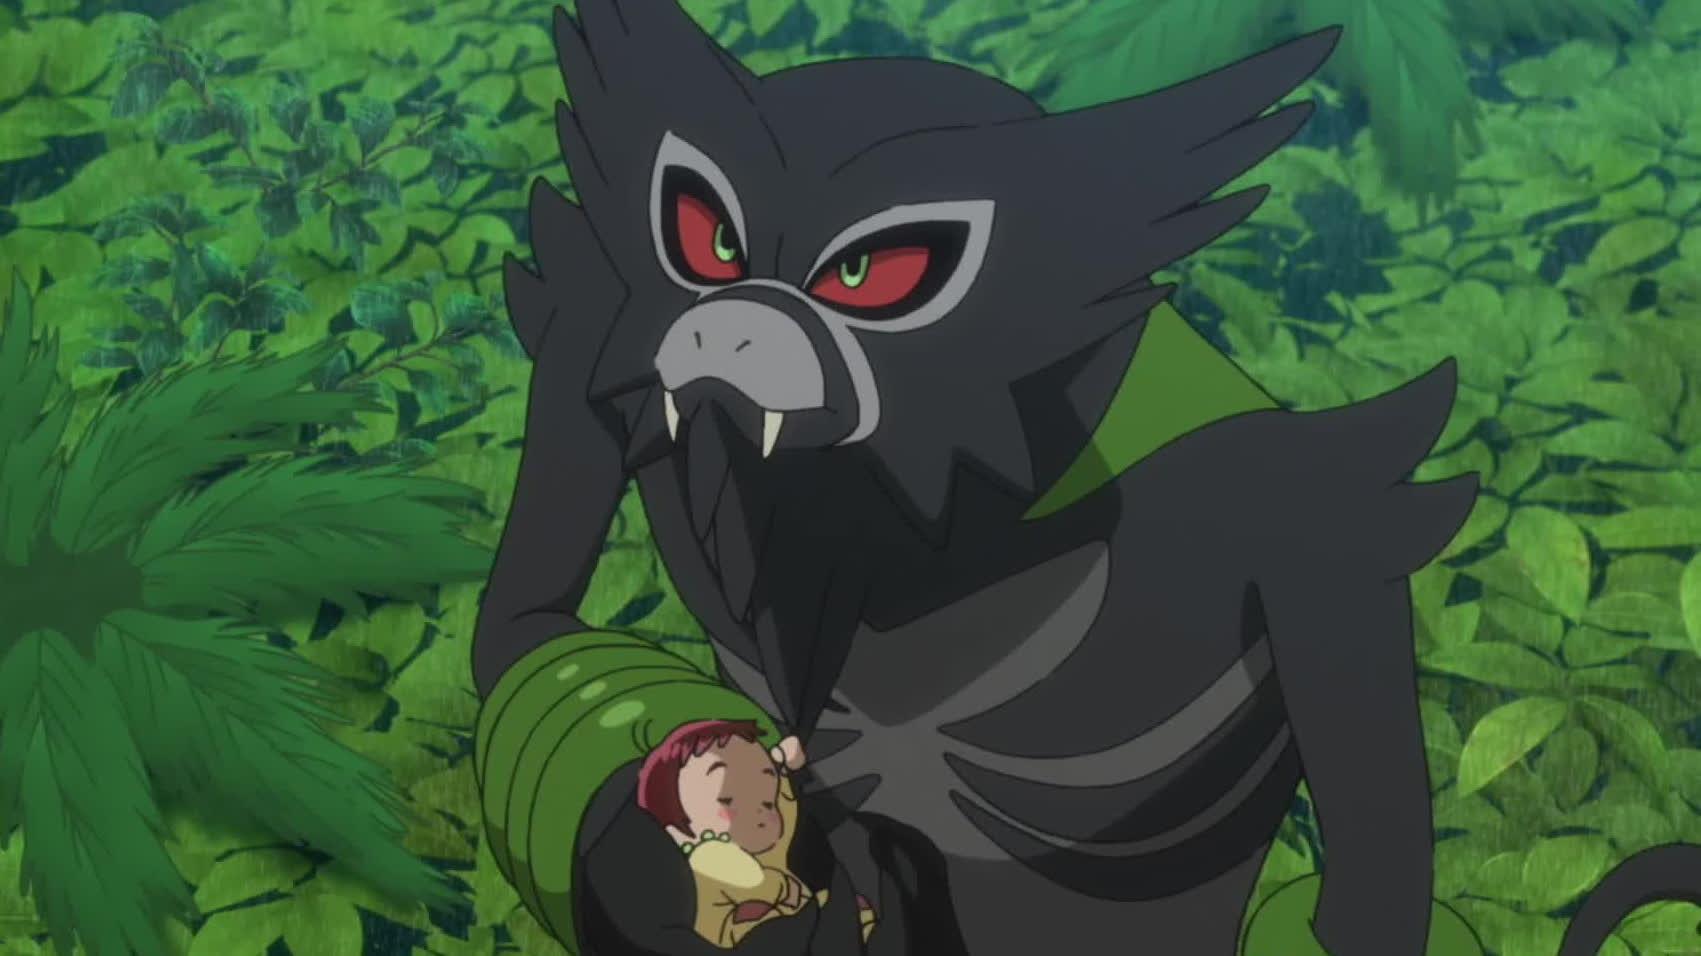 【宝可梦:皮卡丘和可可的冒险】首映圆满落下帷幕 父子情感动众人